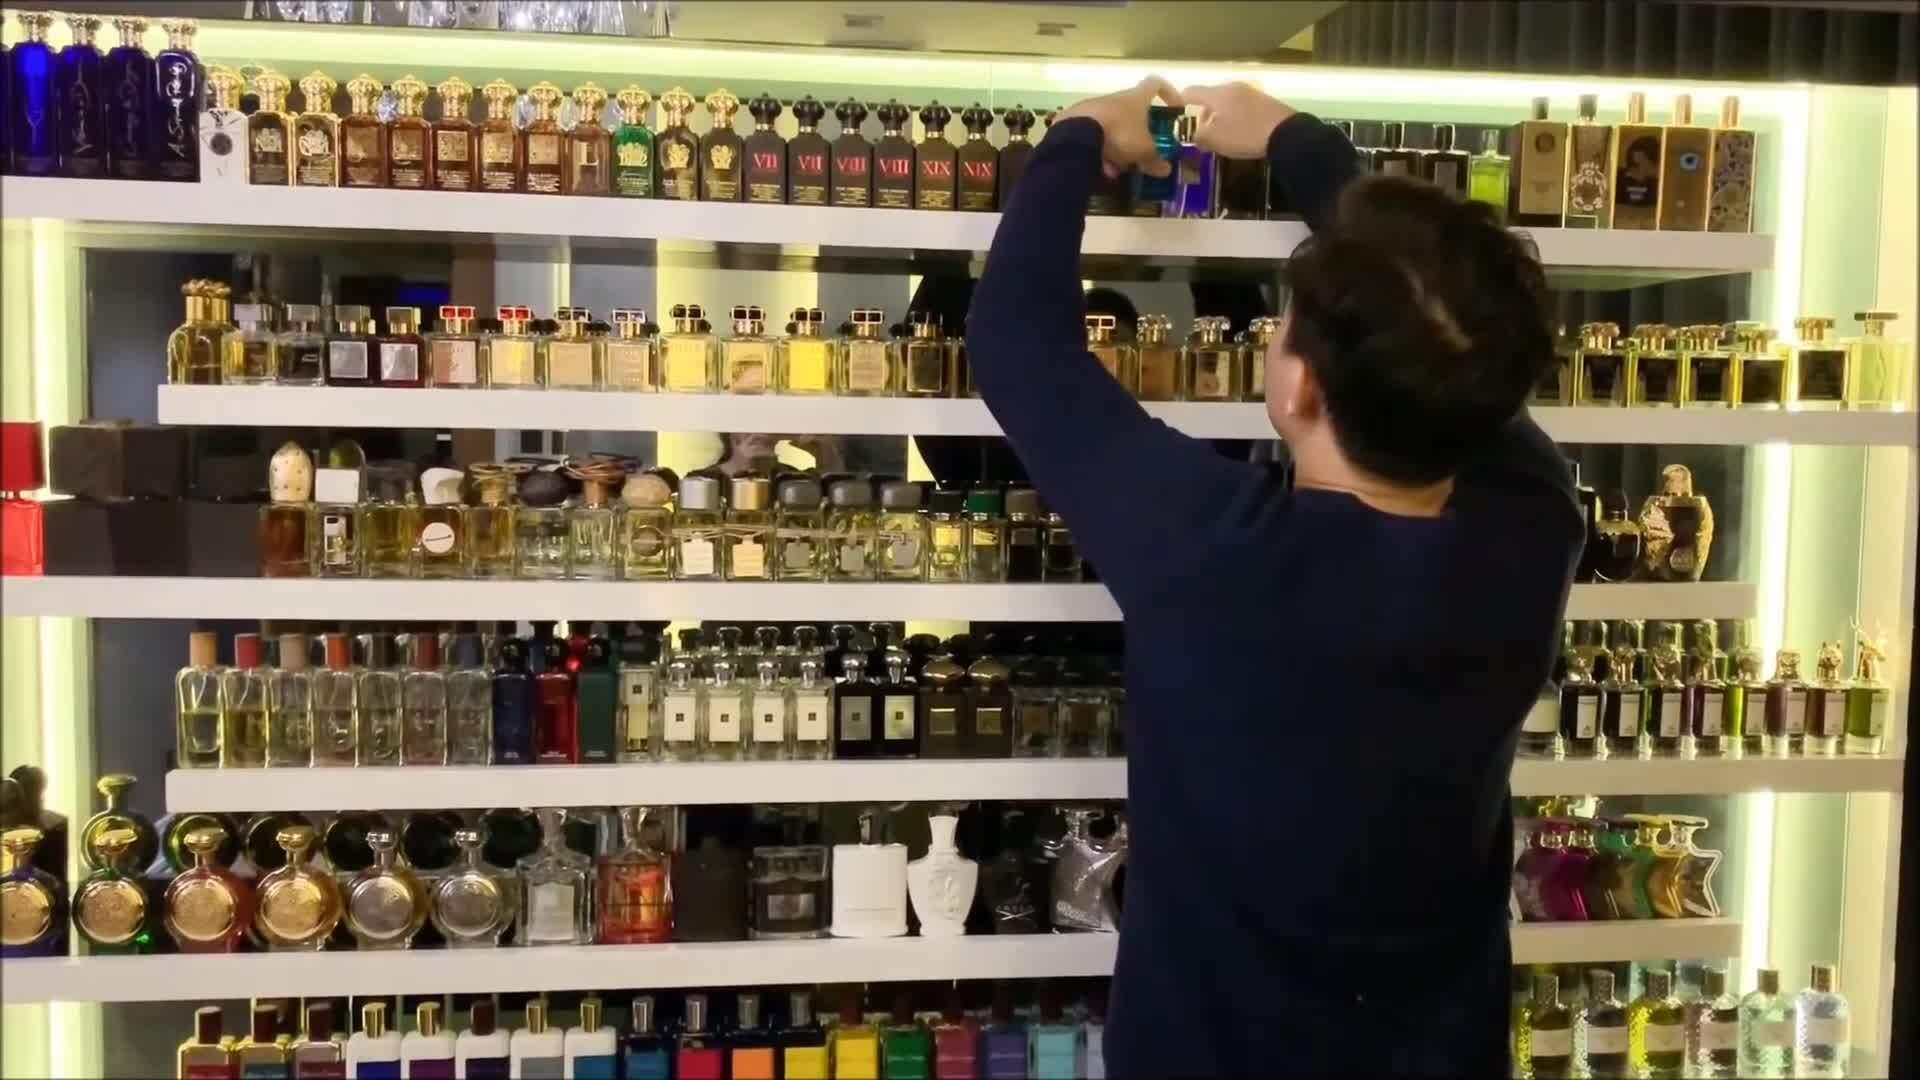 Trấn Thành có tổng cộng 214 chai nước hoa